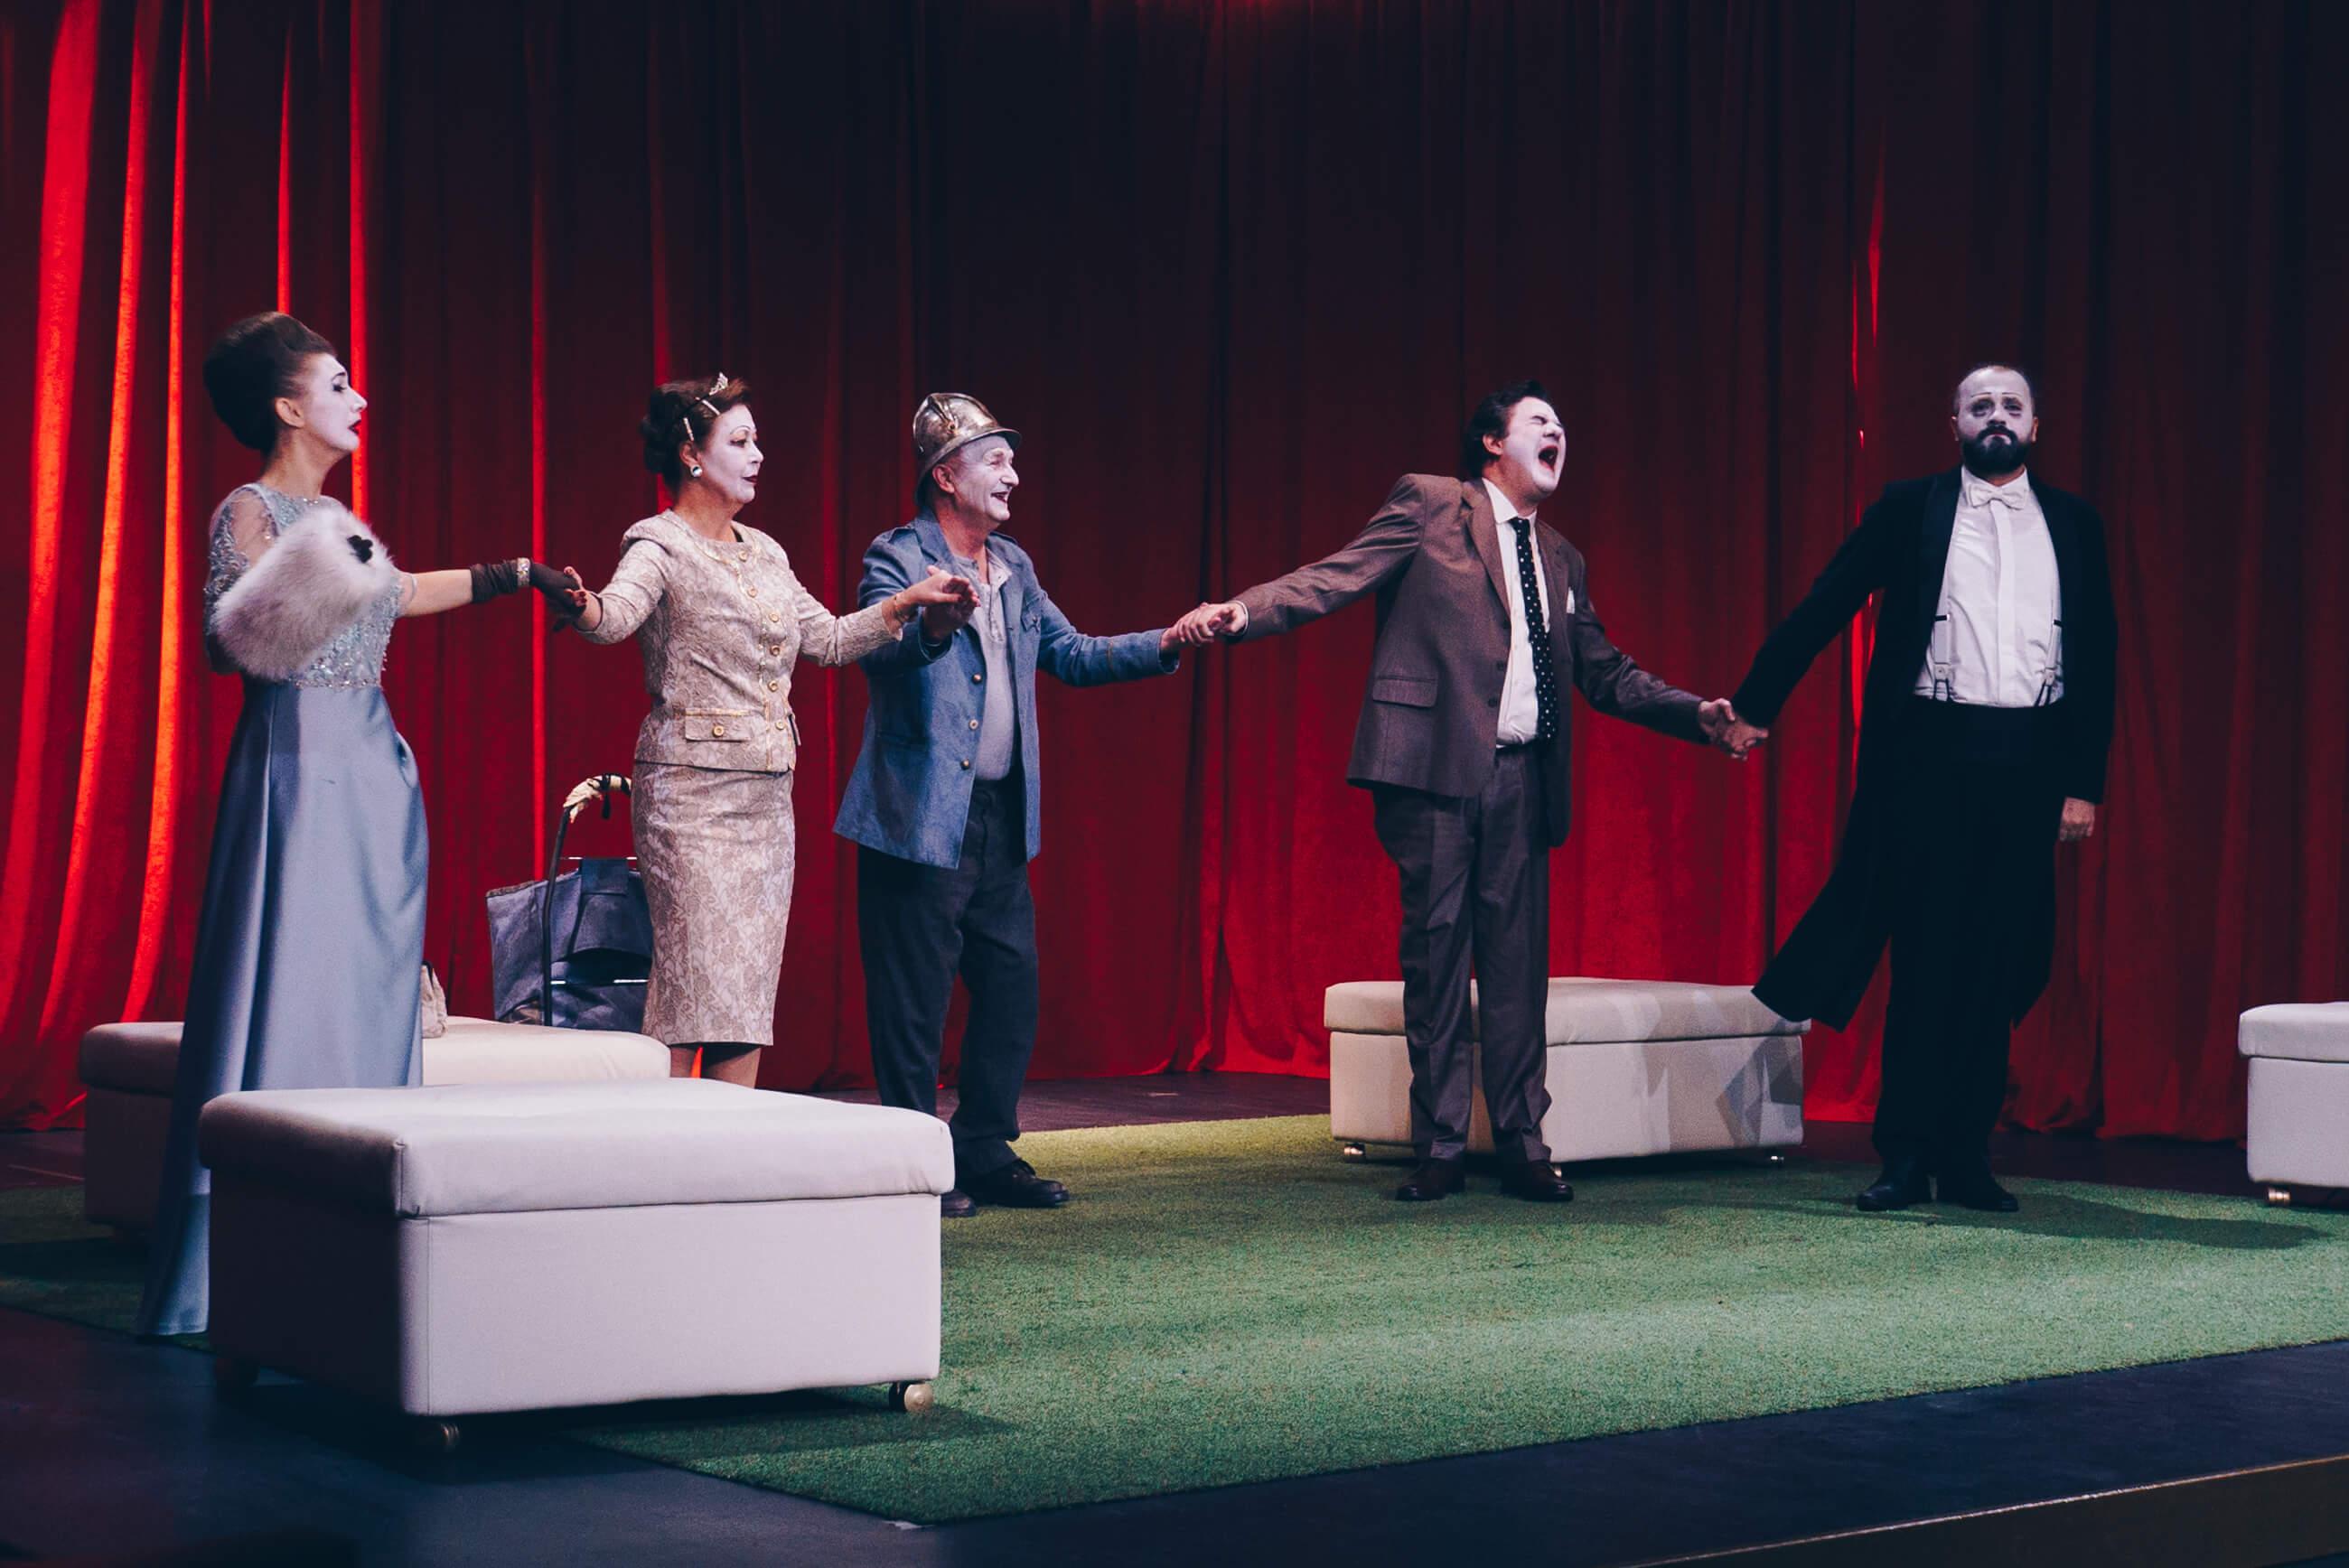 glumci pevaju i drze se za ruke